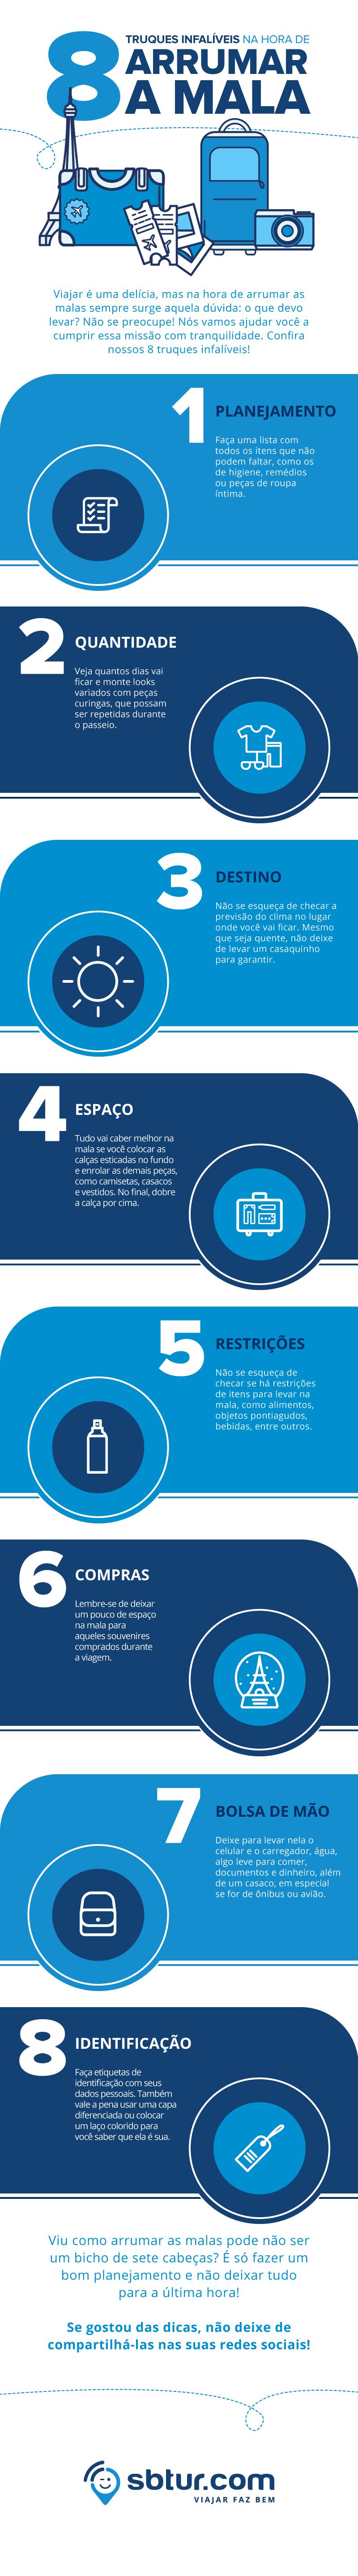 [infografico] 8 truques infalíveis na hora de arrumar a mala